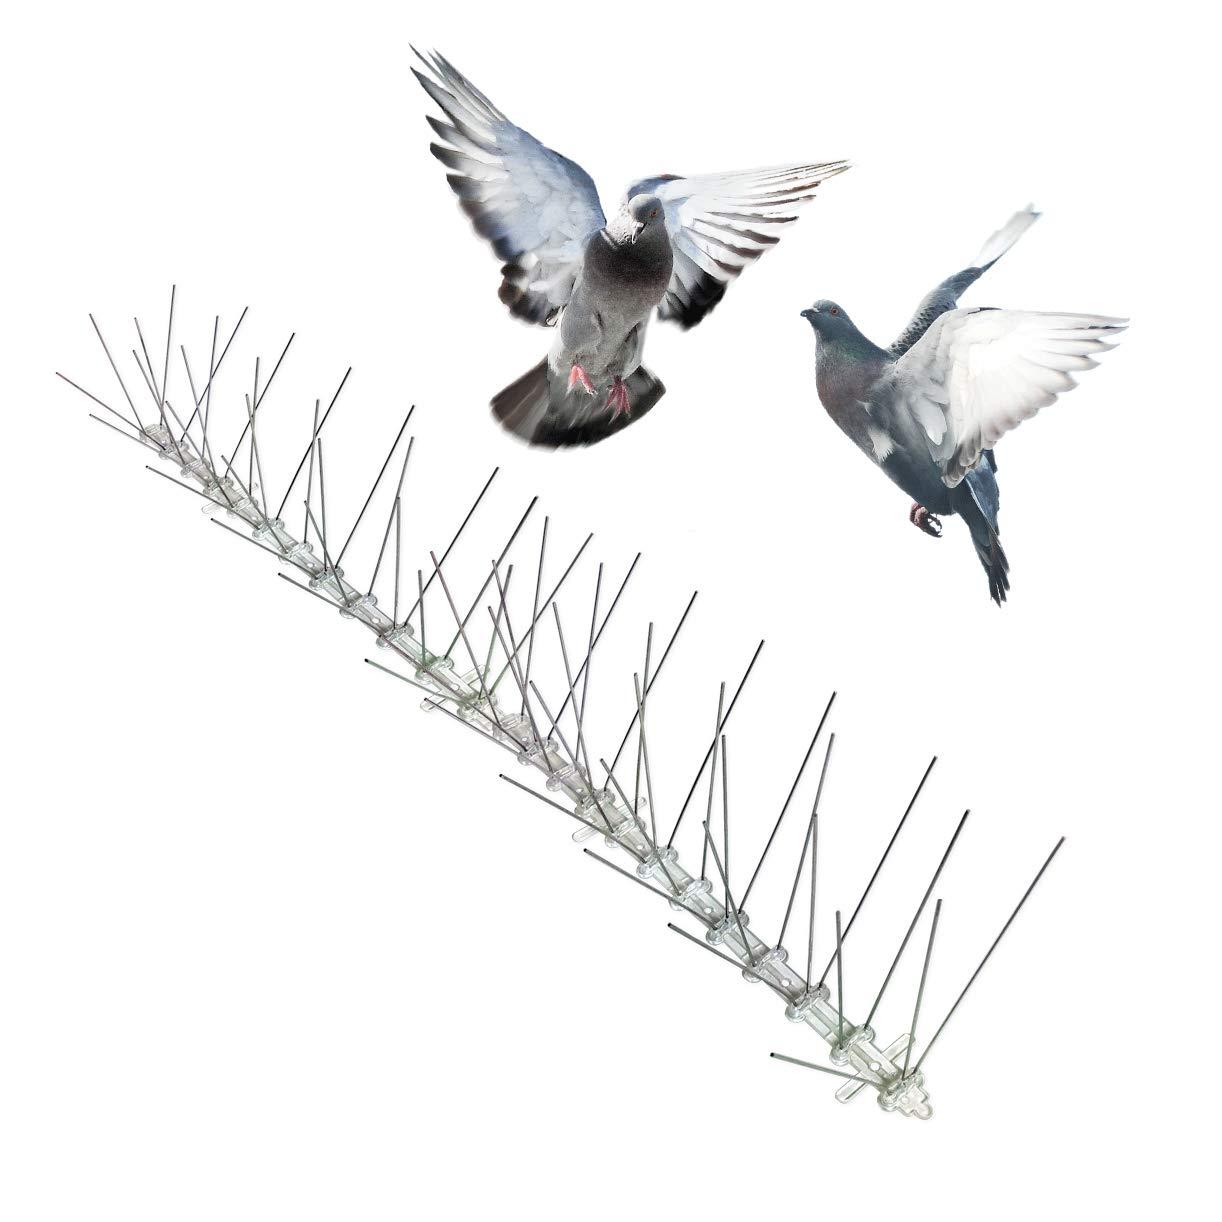 Bird-X Stainless Steel Bird Spikes, Covers 100 feet by Bird-X